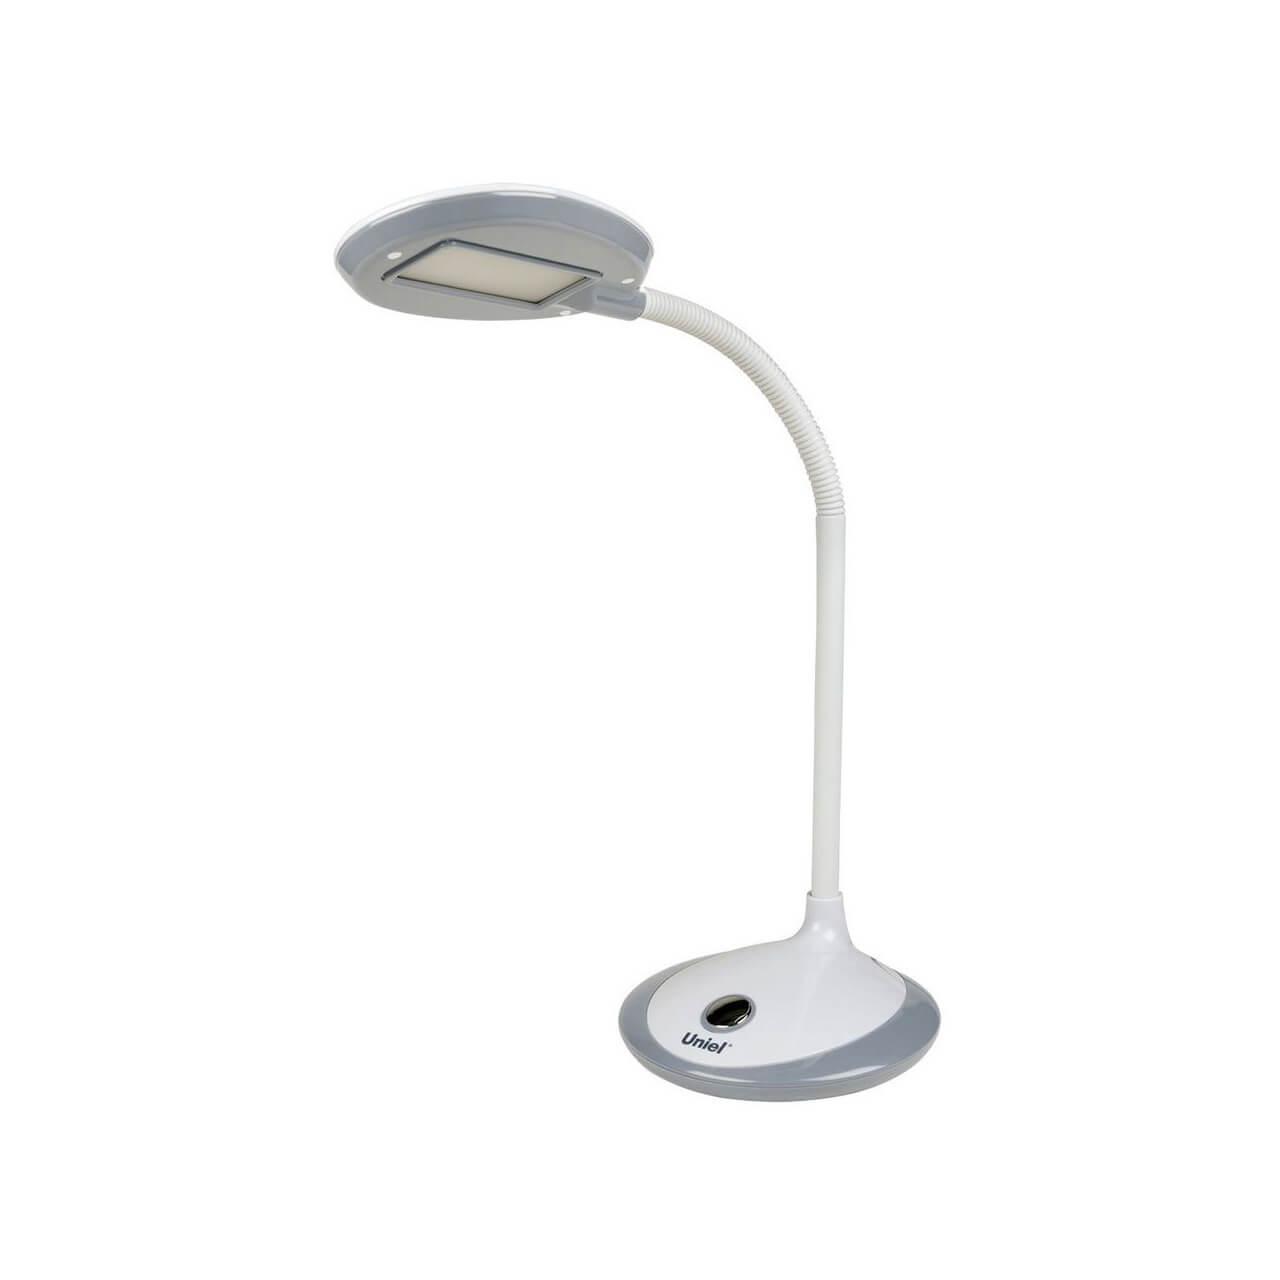 Настольный светильник Uniel TLD-527 Grey/LED/400Lm/4500K, LED, 4 Вт настольный led светильник uniel tld 531 4w 4500k белый